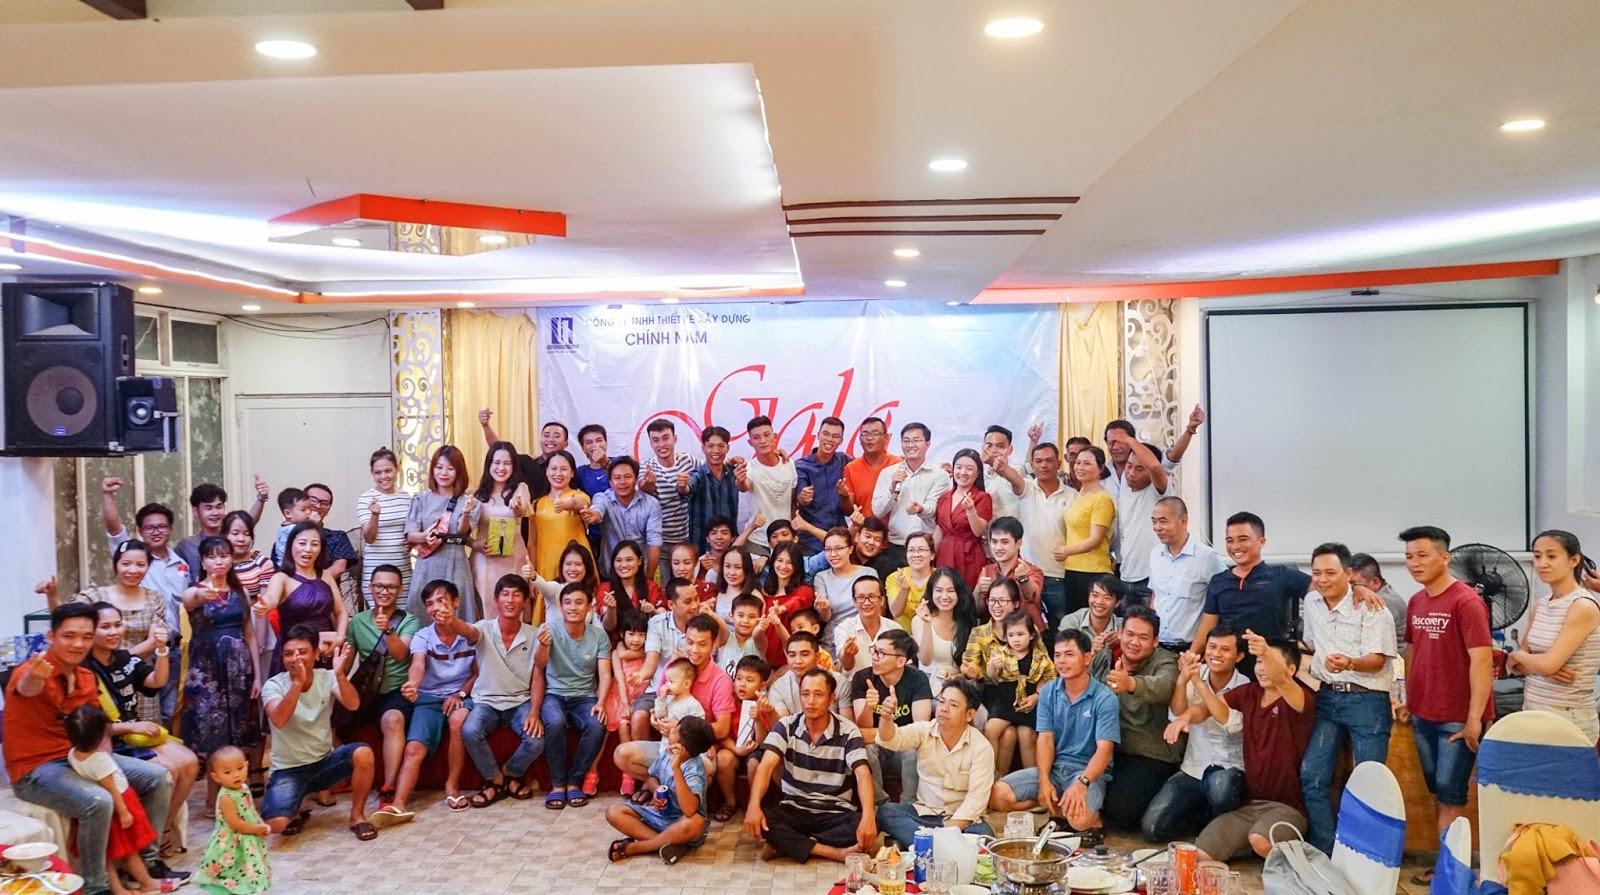 Gia đình Chính Nam du lịch Nha Trang 2019